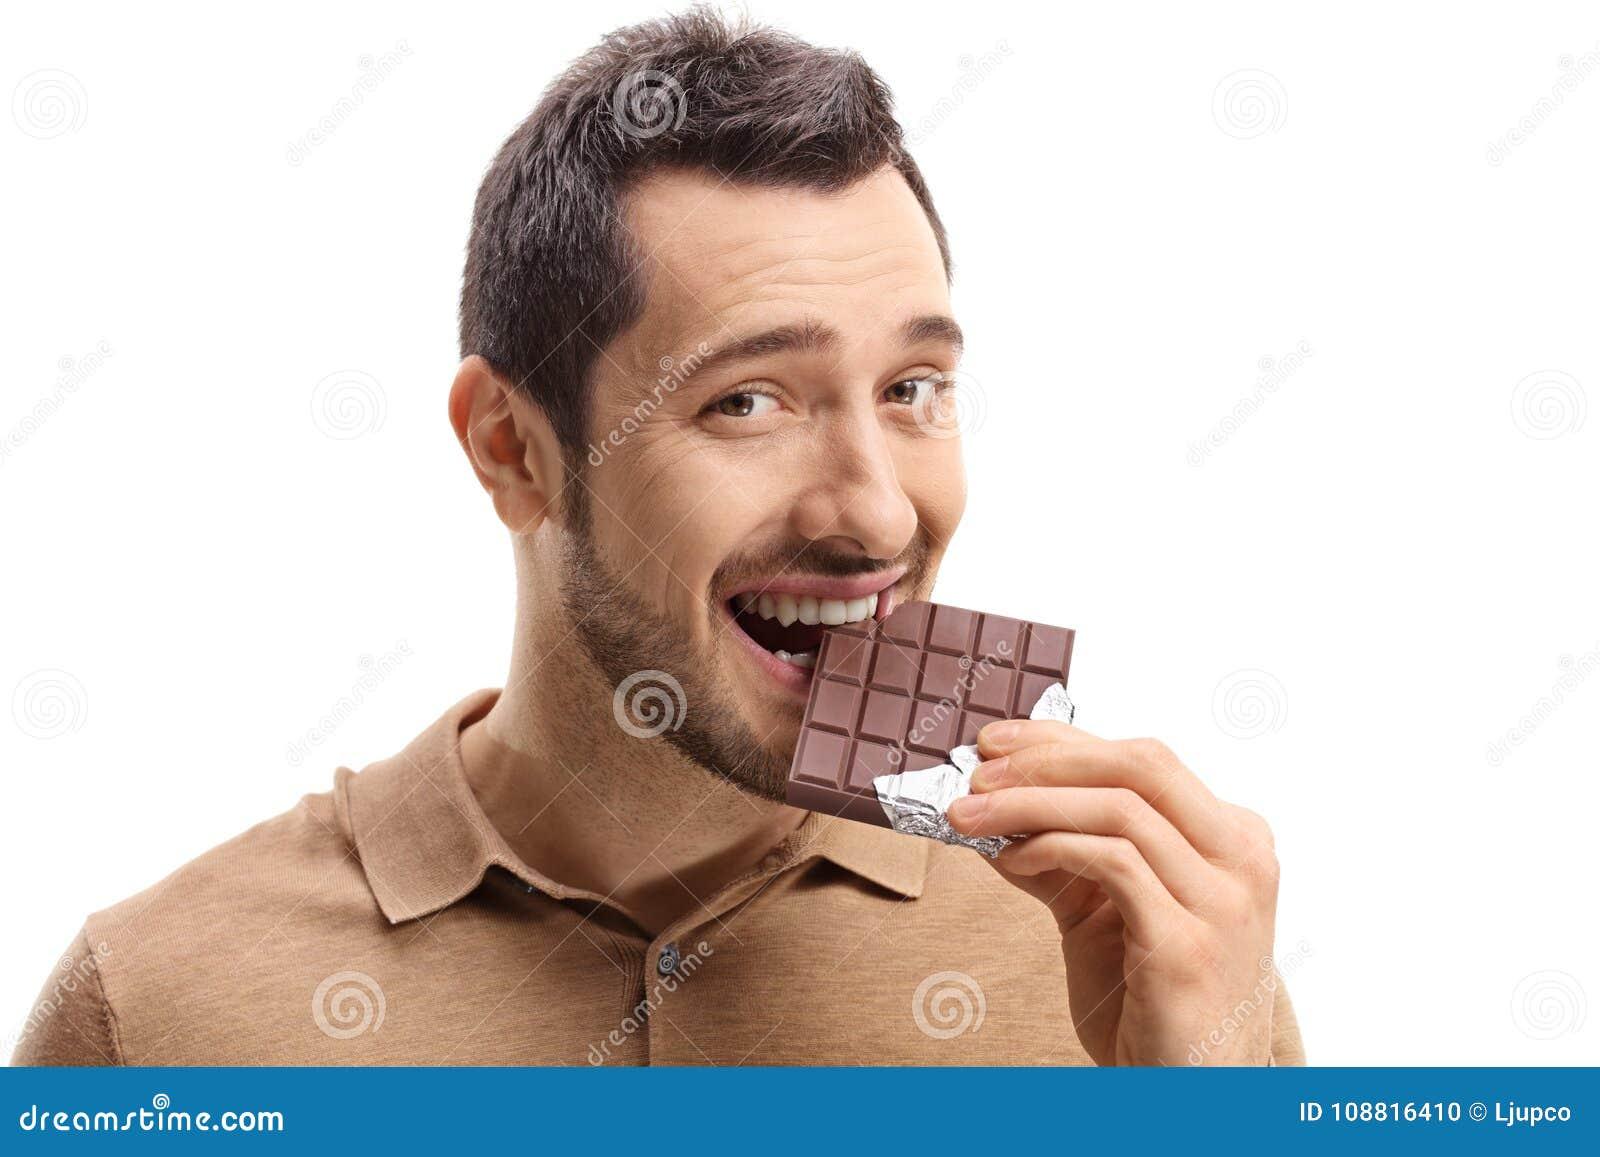 Junge Fleisch fressende Schokolade